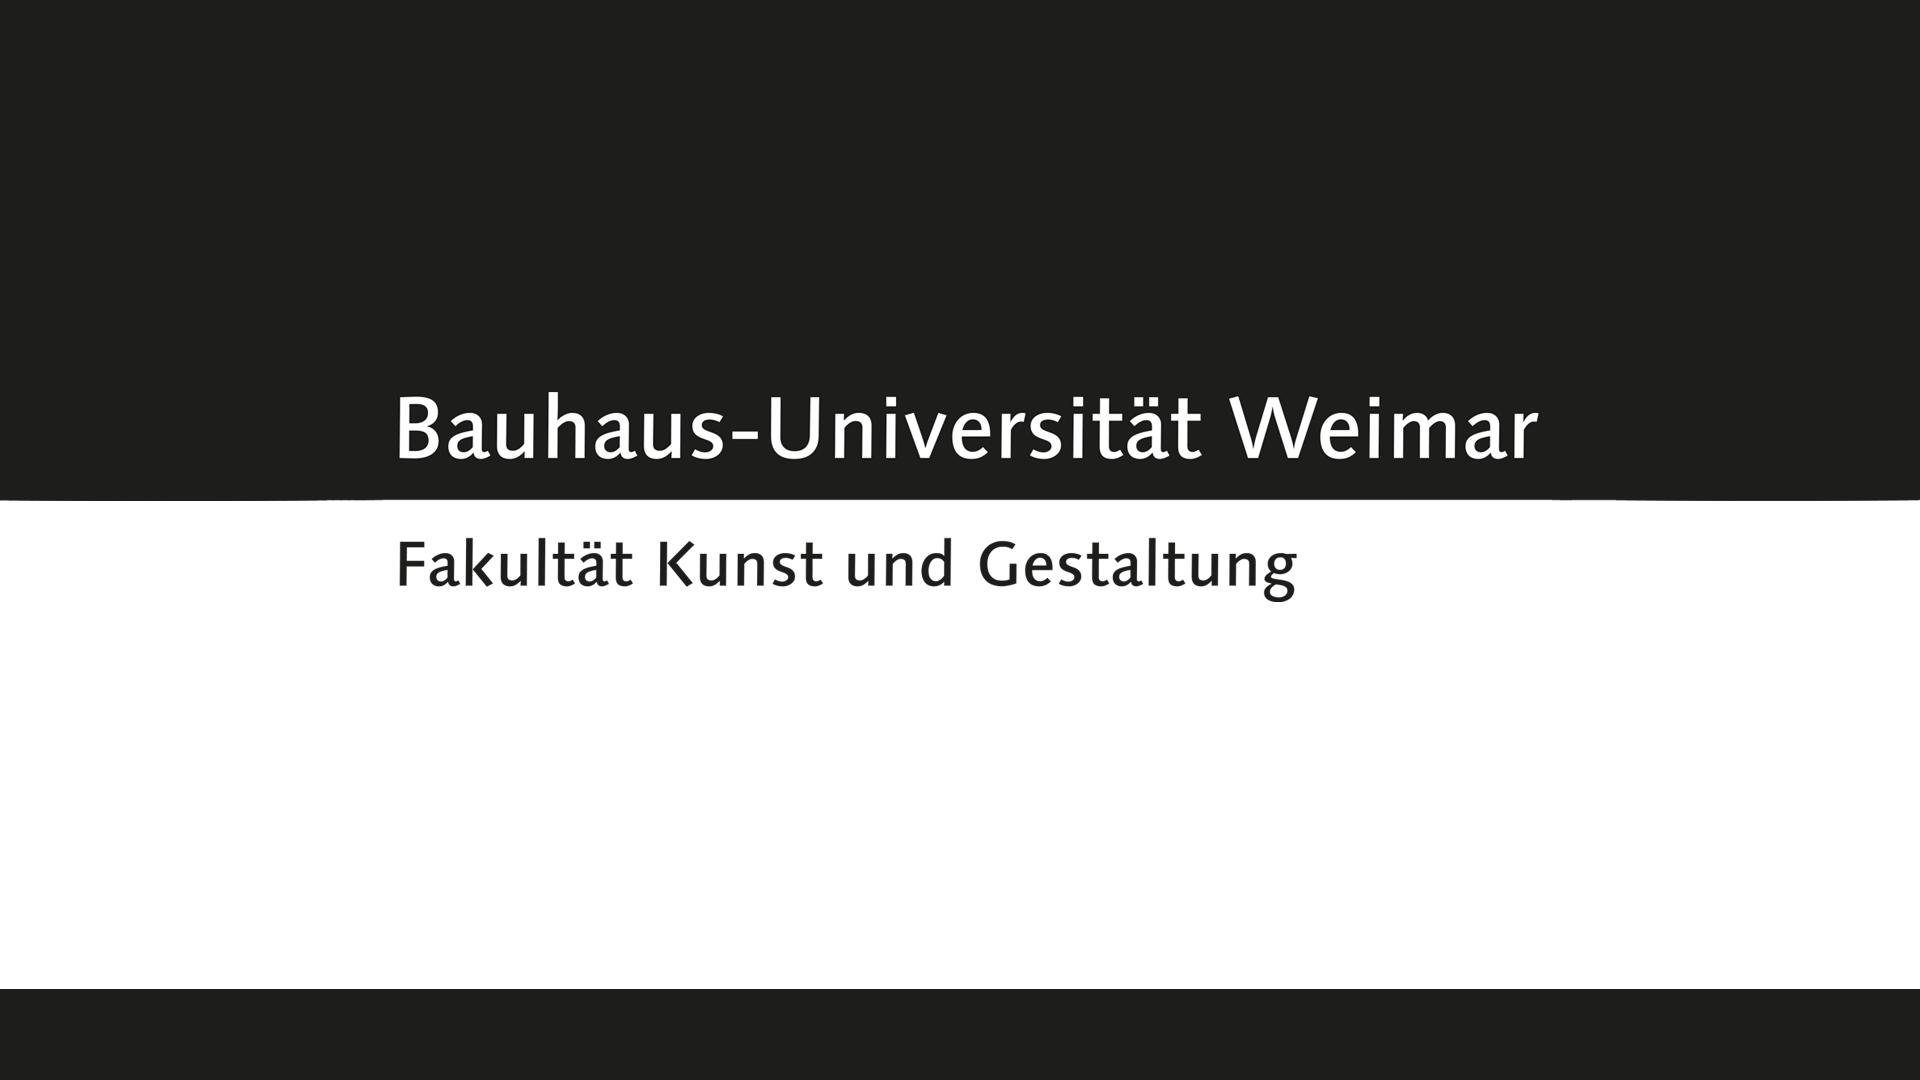 Architektur und Urbanistik, Bauingenieurwesen, Kunst und Gestaltung und Medien – mit ihren Fakultäten und Arbeitsgebieten verfügt die Bauhaus-Universität Weimar über ein einzigartiges Profil. Das Spektrum der Universität umfasst gegenwärtig ca. 40 Studiengänge bzw. -programme und reicht von der Freien Kunst über Design, Visuelle Kommunikation, Mediengestaltung, -wissenschaft und -informatik bis zu Architektur, Bauingenieurwesen, Baustoffkunde und Umwelt sowie Management. Der Begriff »Bauhaus« im Namen unserer Universität steht für Experimentierfreudigkeit, Offenheit, Kreativität und Internationalität.